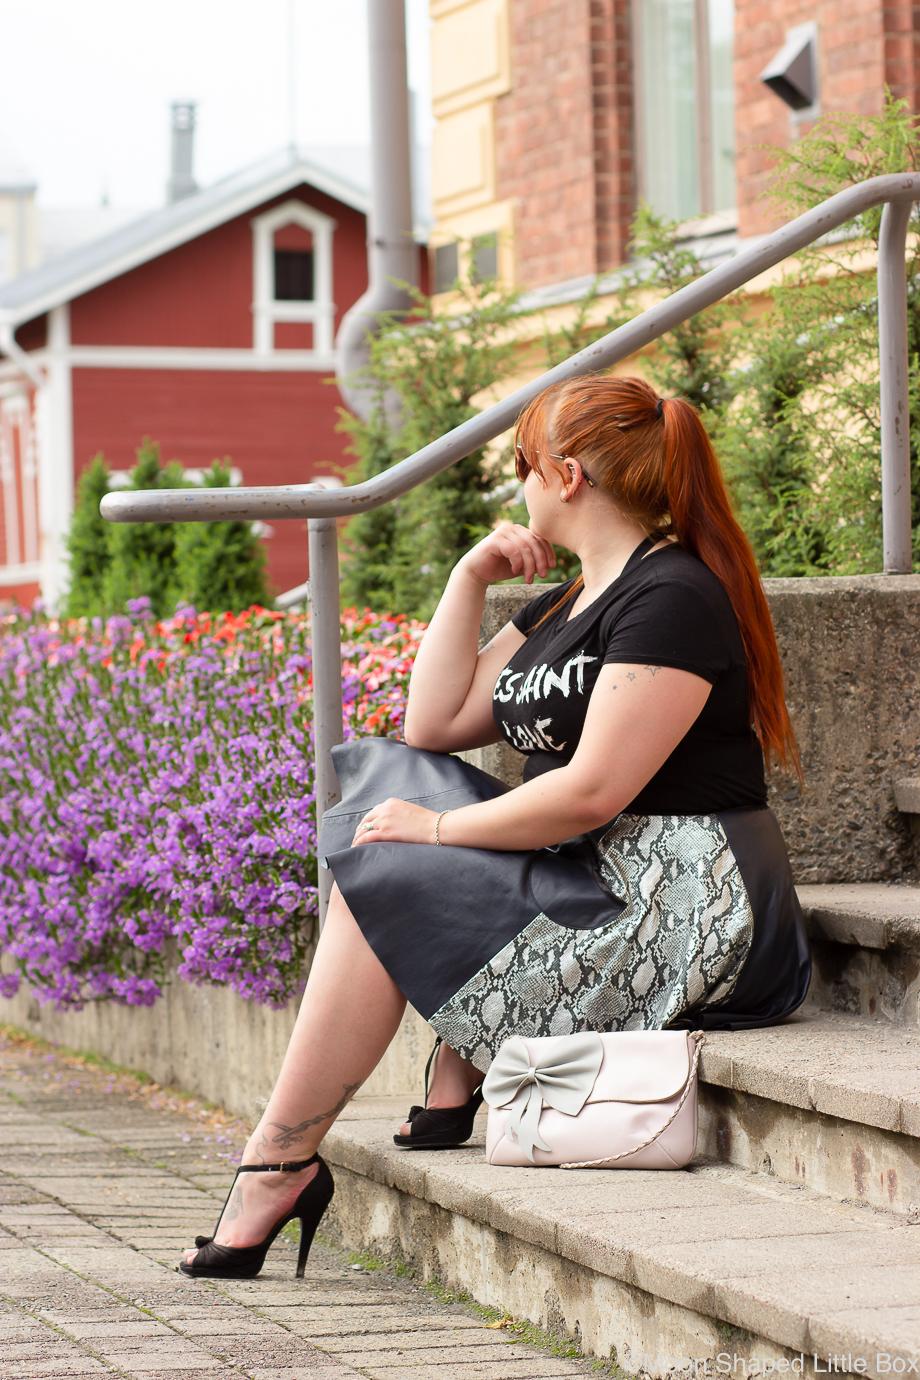 Taidemuseon-portailla-Joensuu